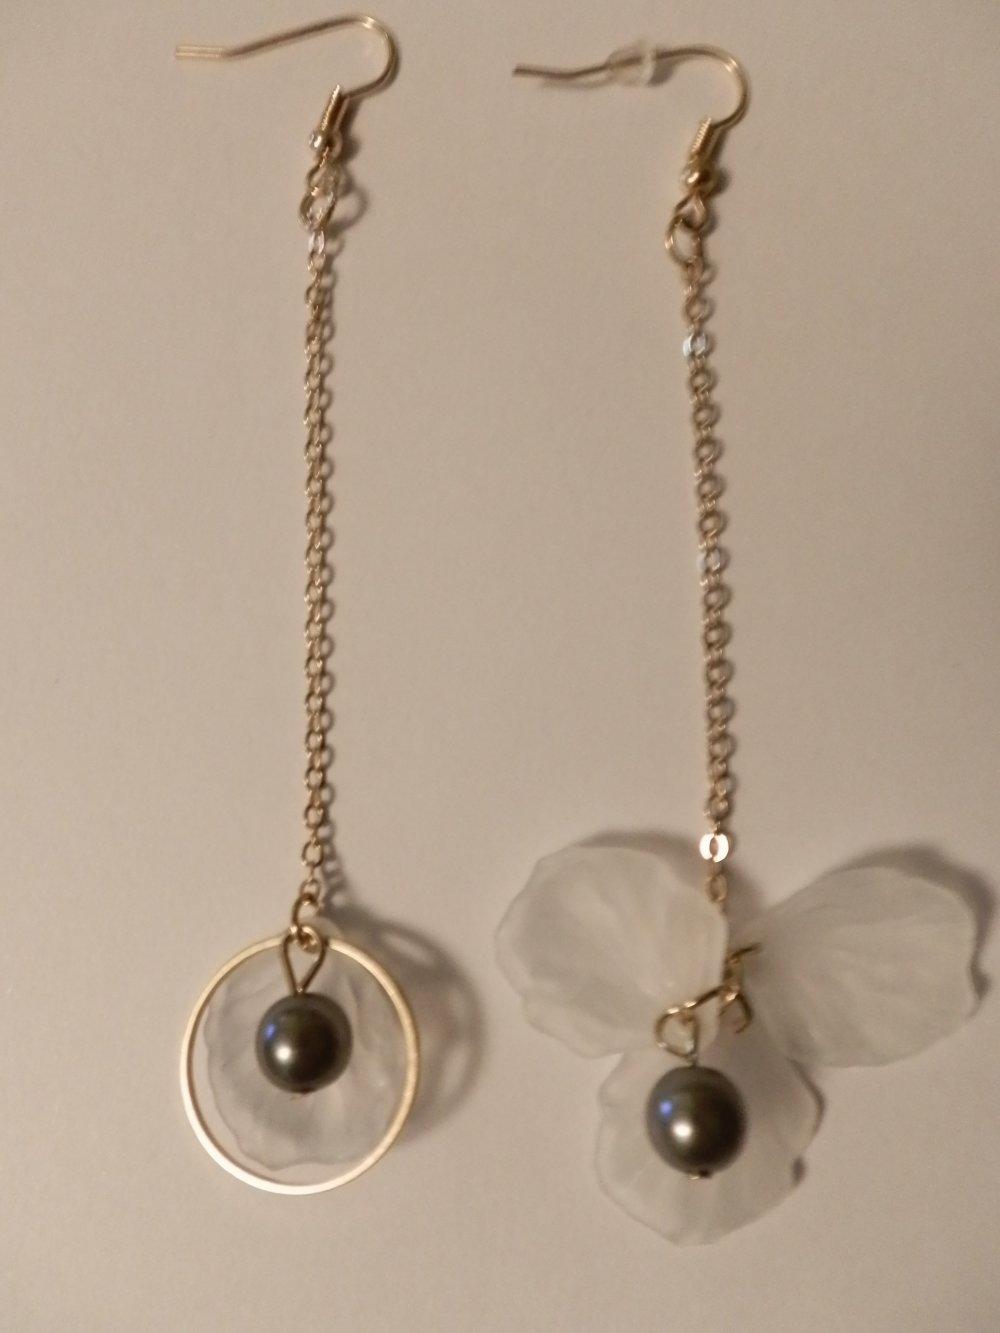 boucles d'oreilles pendantes métal dorées percées